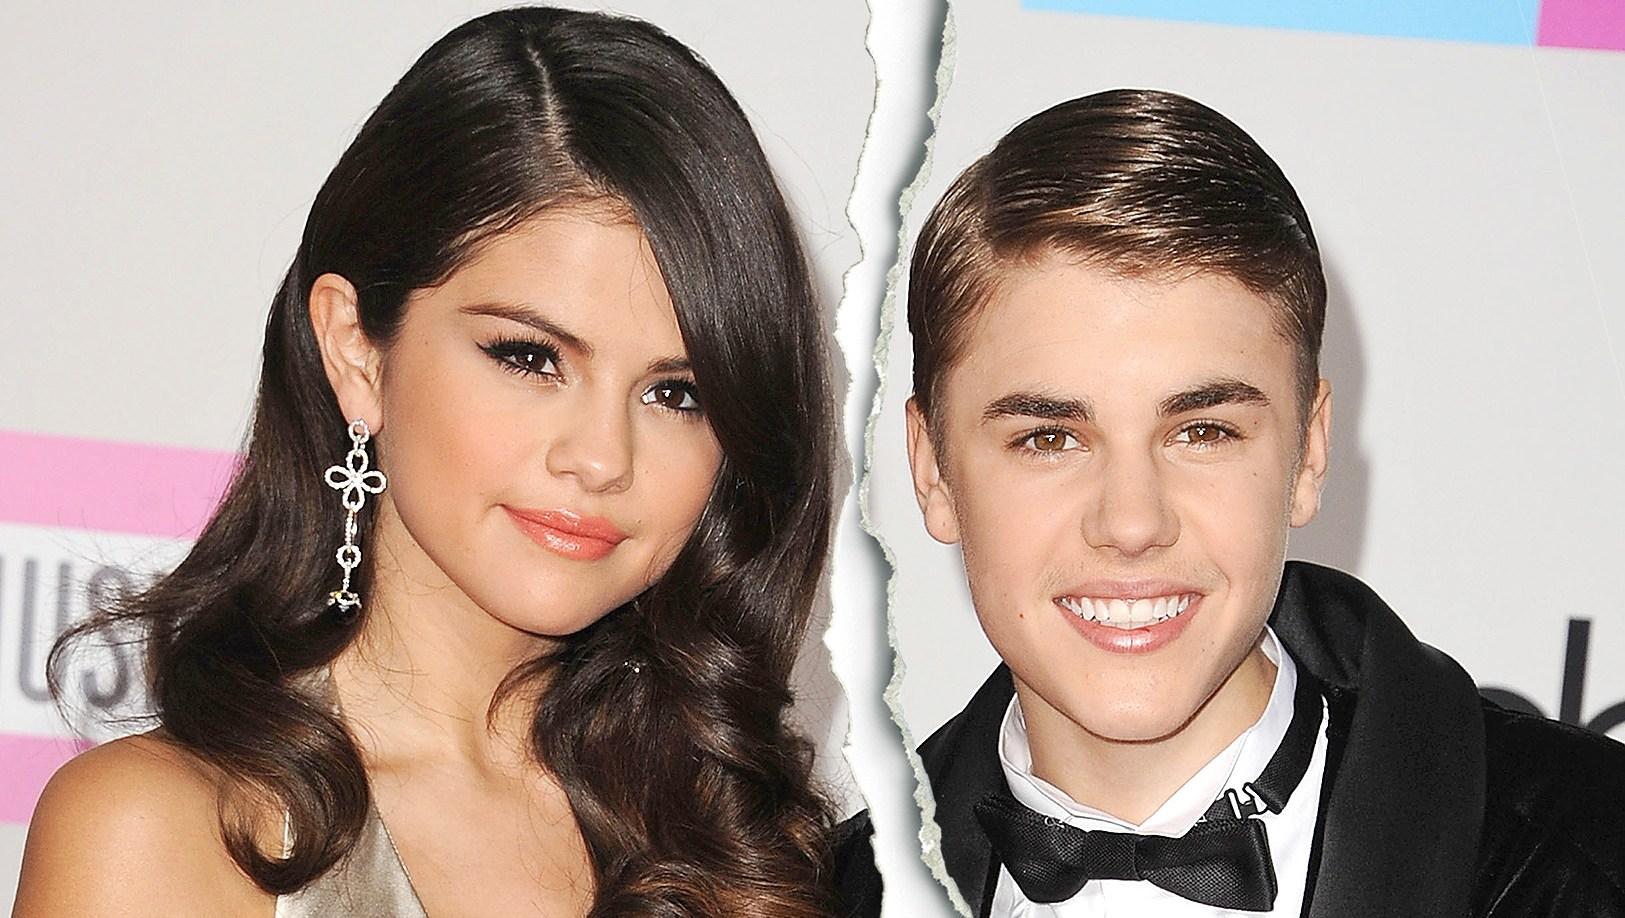 Selena Gomez, Justin Bieber, Split, Breakup